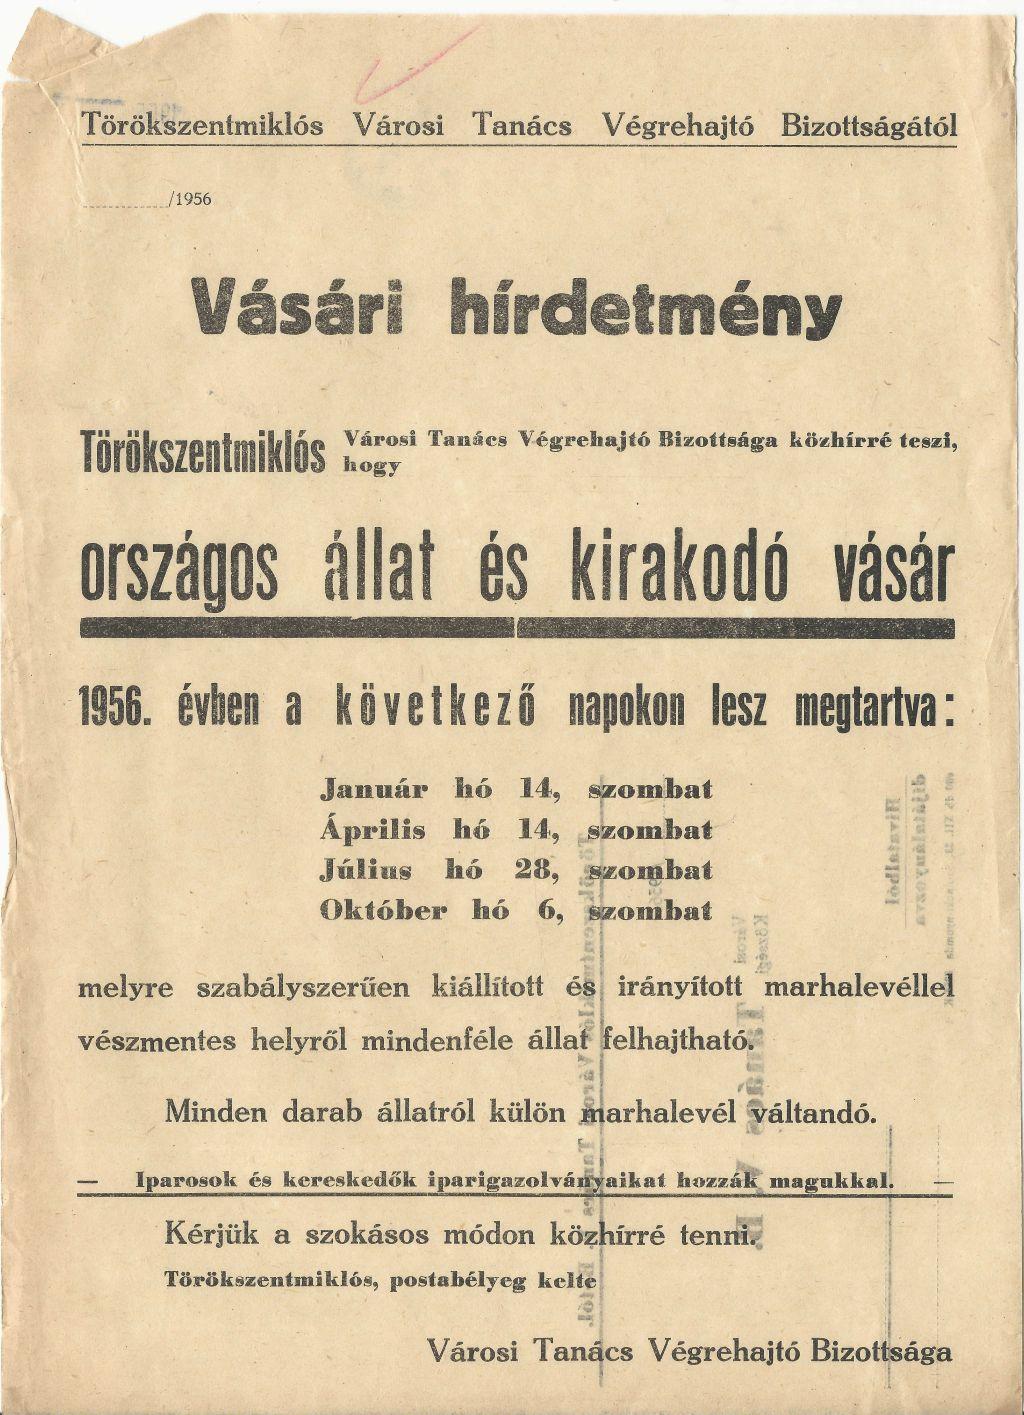 Vásári hirdetmény! Törökszentmiklóson országos állat- és kirakodóvásár lesz 1956. január 14-én, április 14-én, július 28-án, október 6-án